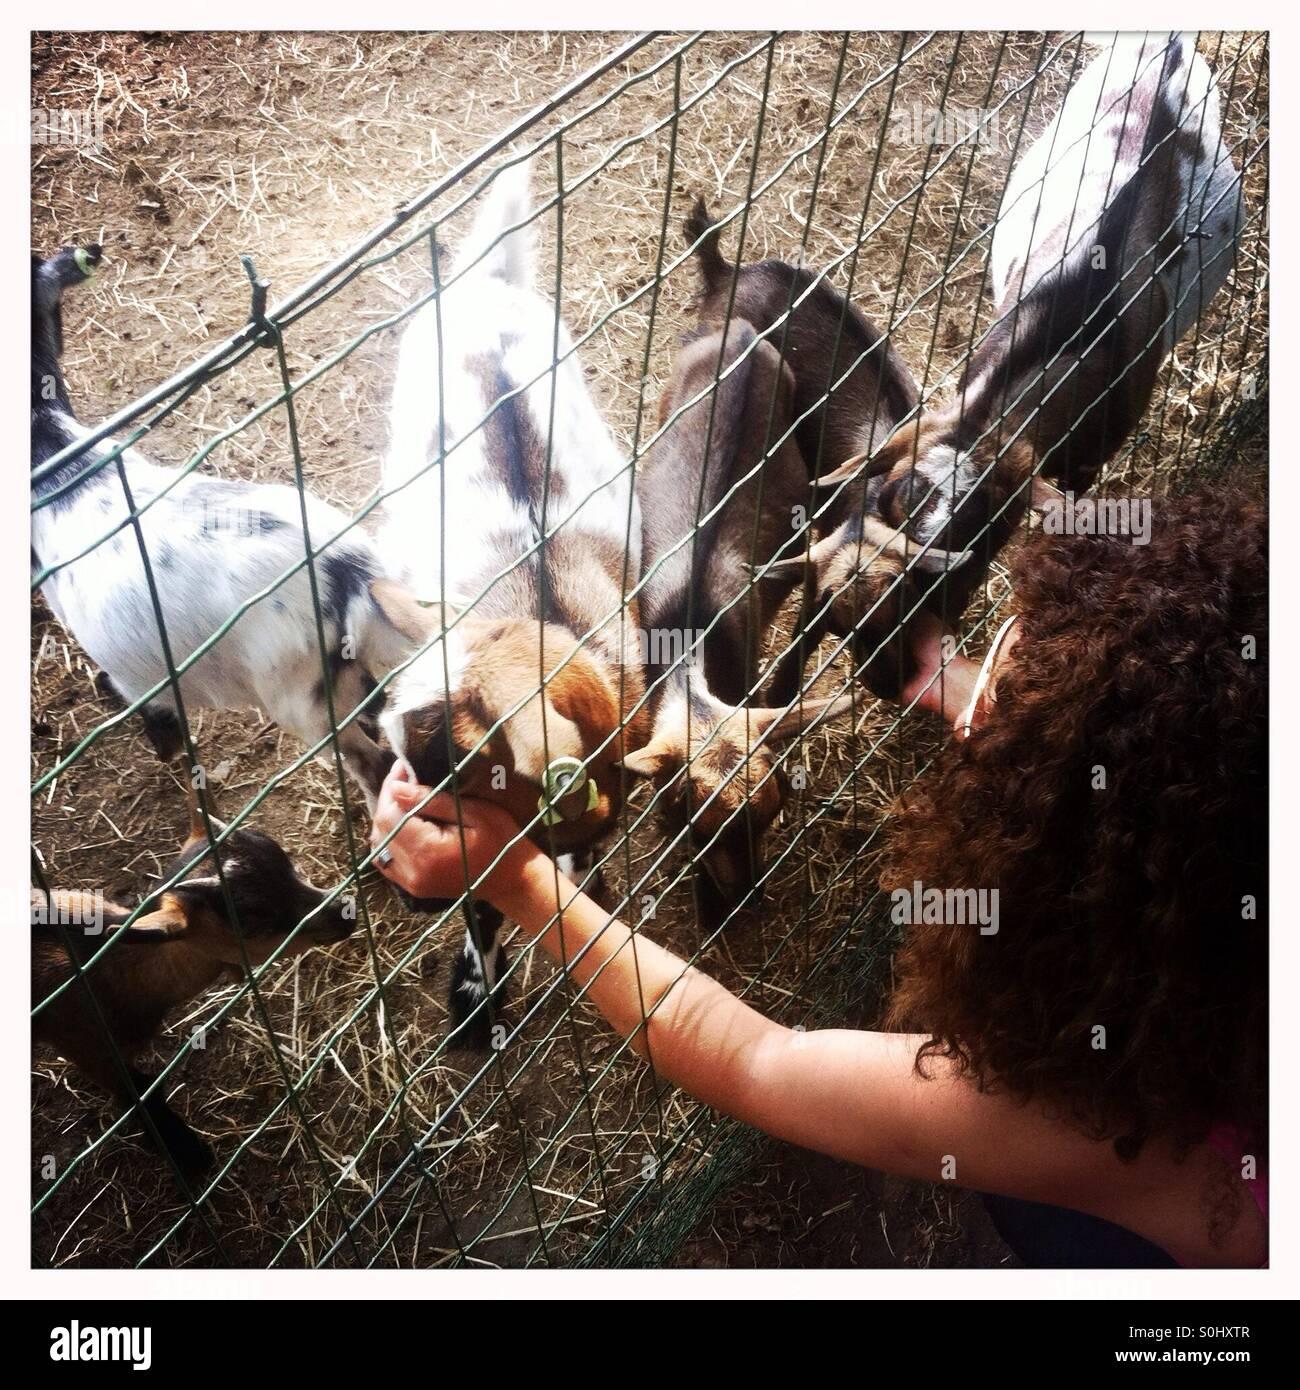 Mujer acariciar cabras pequeñas desde detrás de una valla en una granja Imagen De Stock